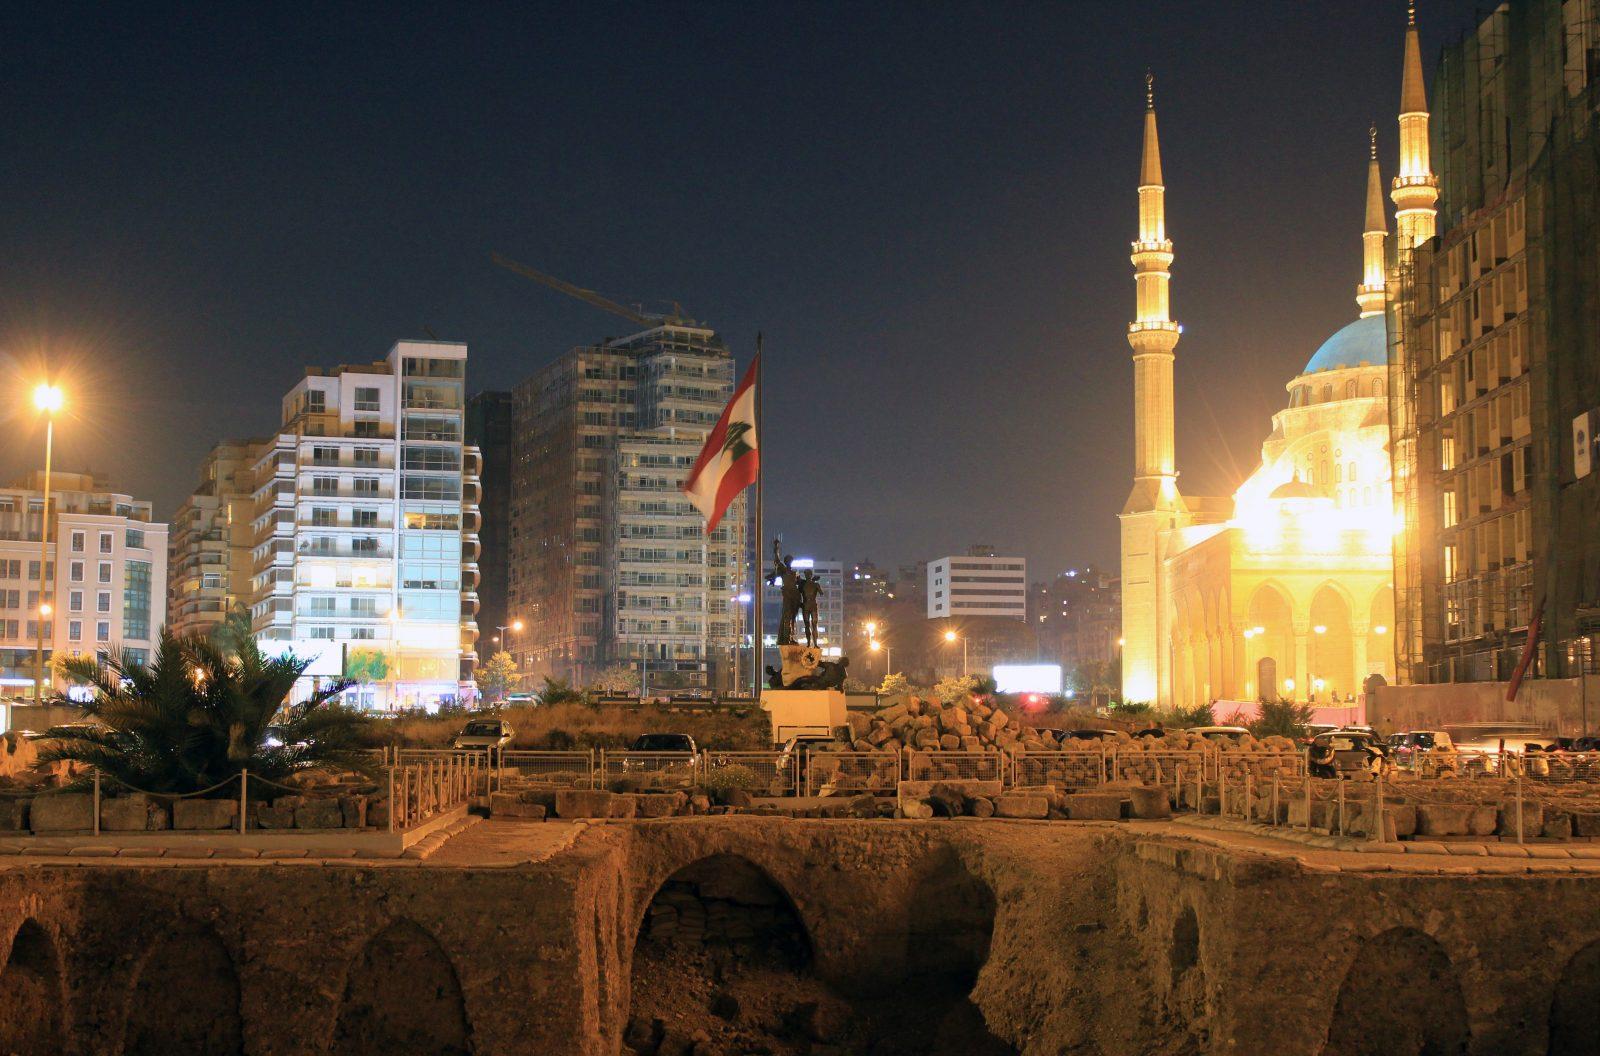 Kuva Beirutin keskustasta yövalaistuksessa